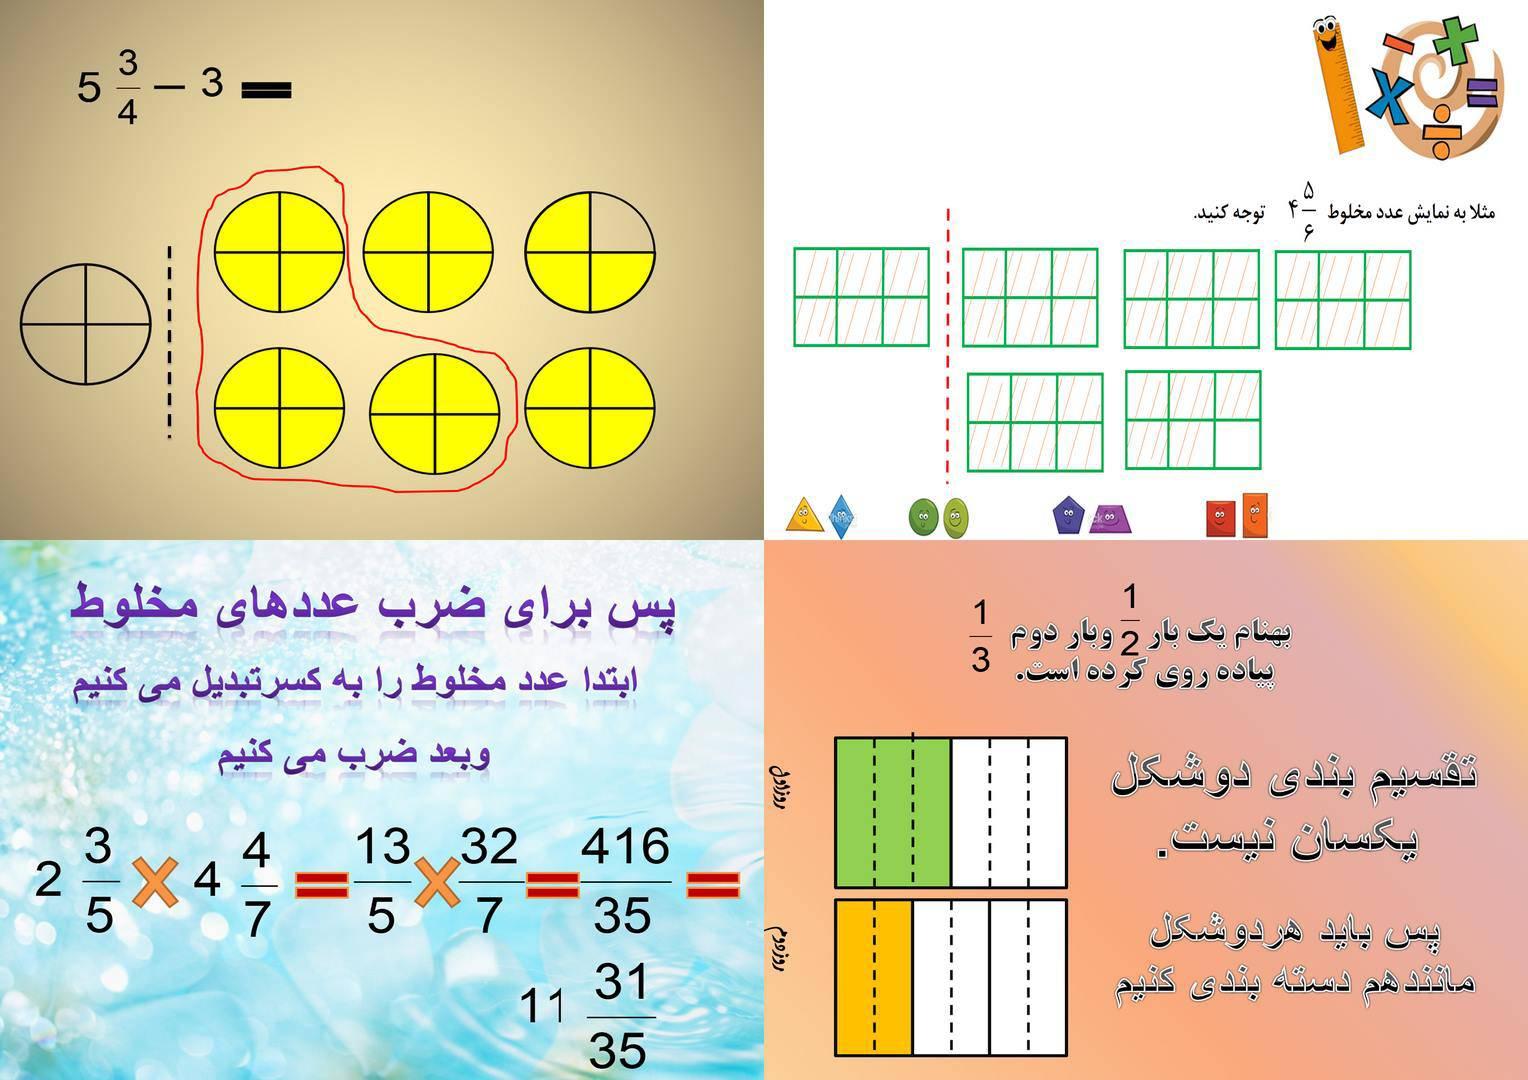 مجموعه پاورپوینت ریاضی پنجم(یادگیری،جمع،تفریق و ضرب عدد مخلوط)